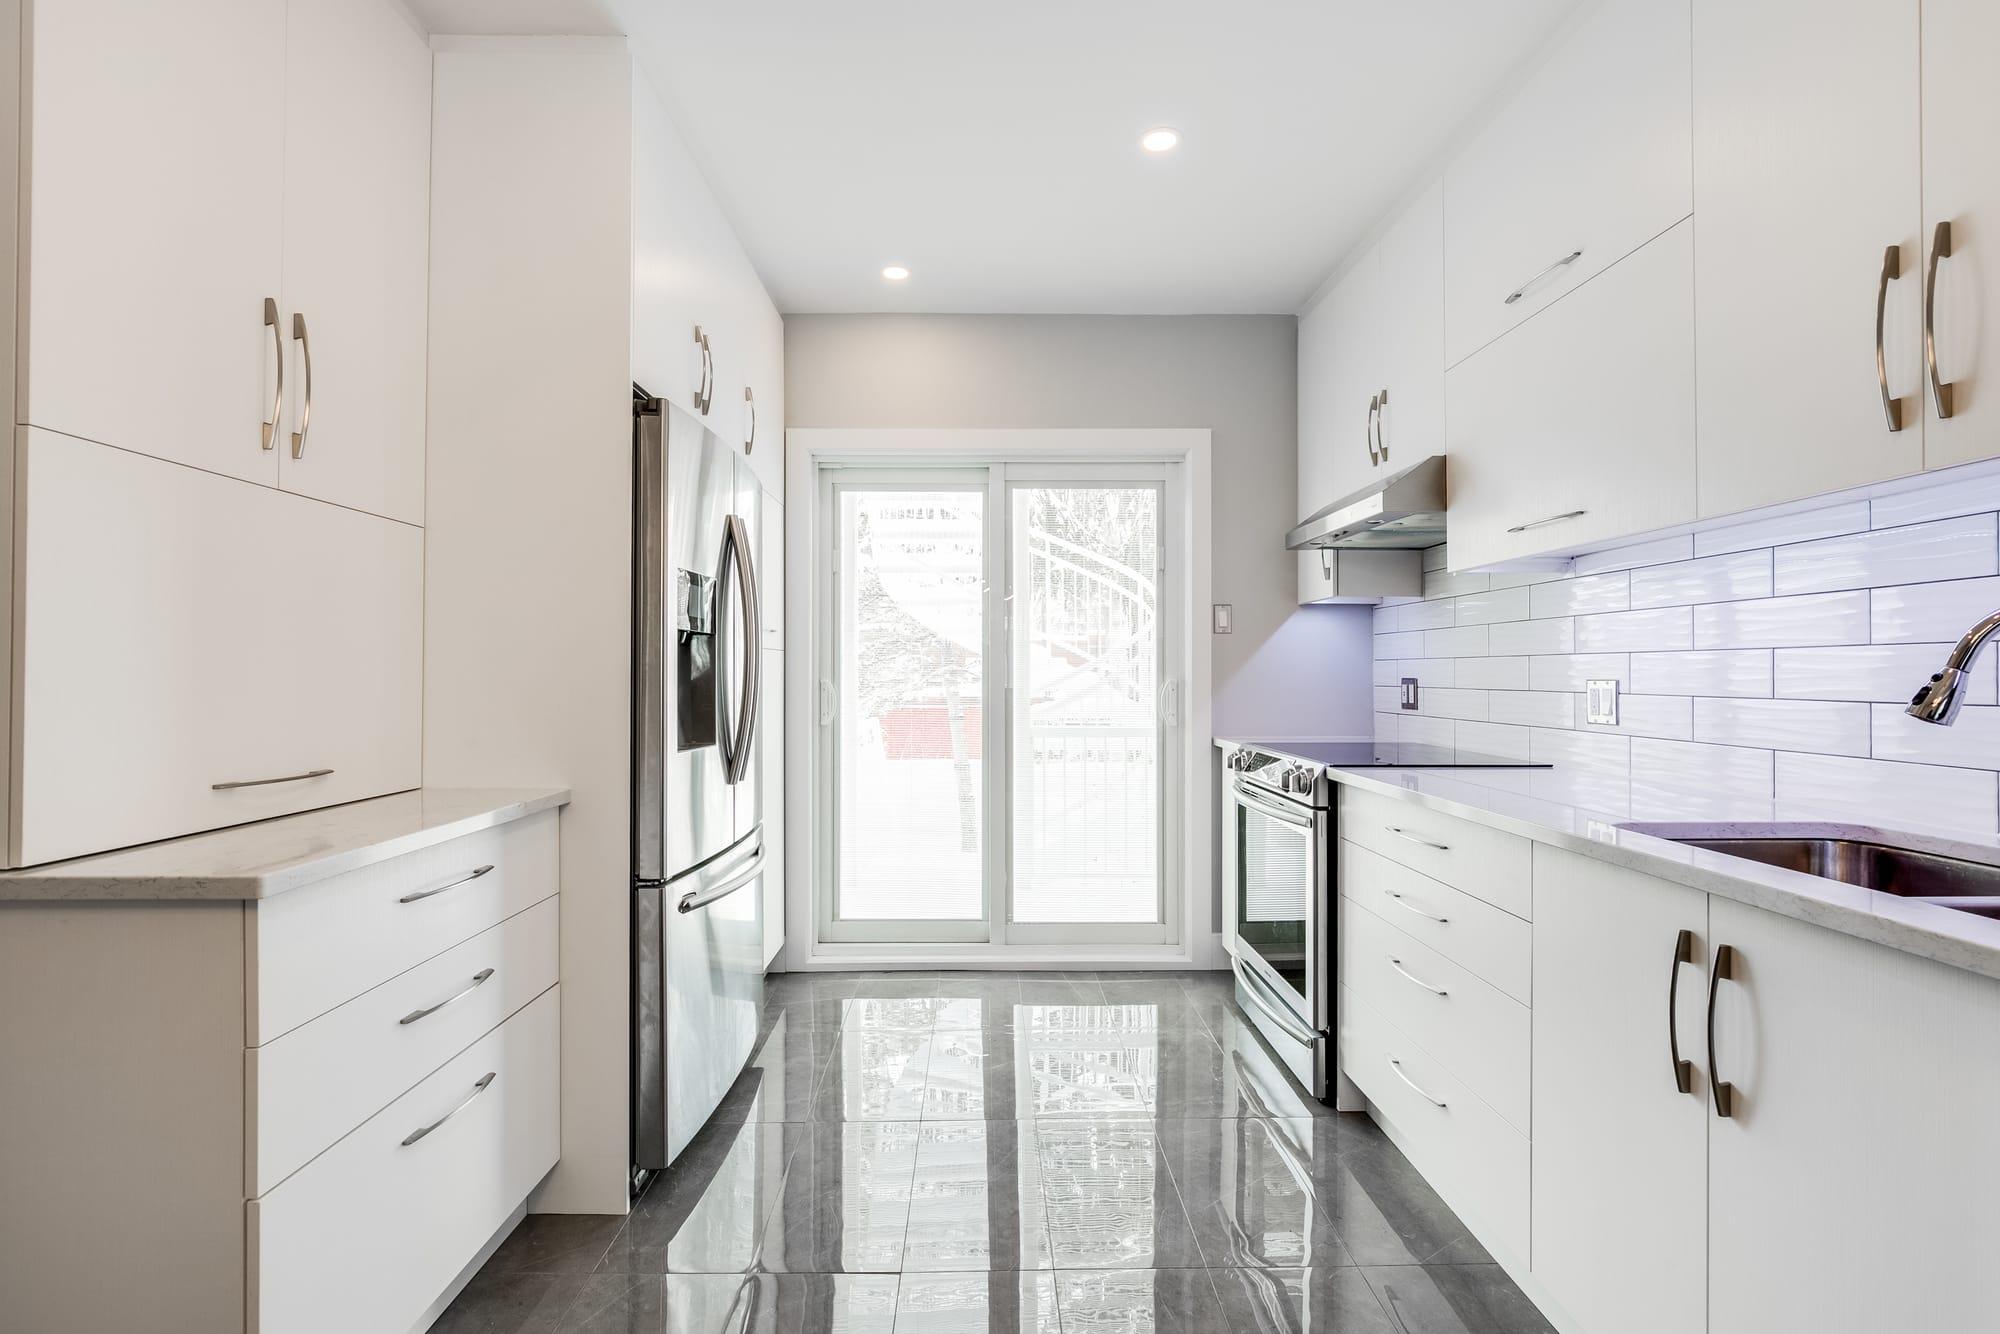 cuisine moderne avec armoires blanches et revêtement de plancher en céramique